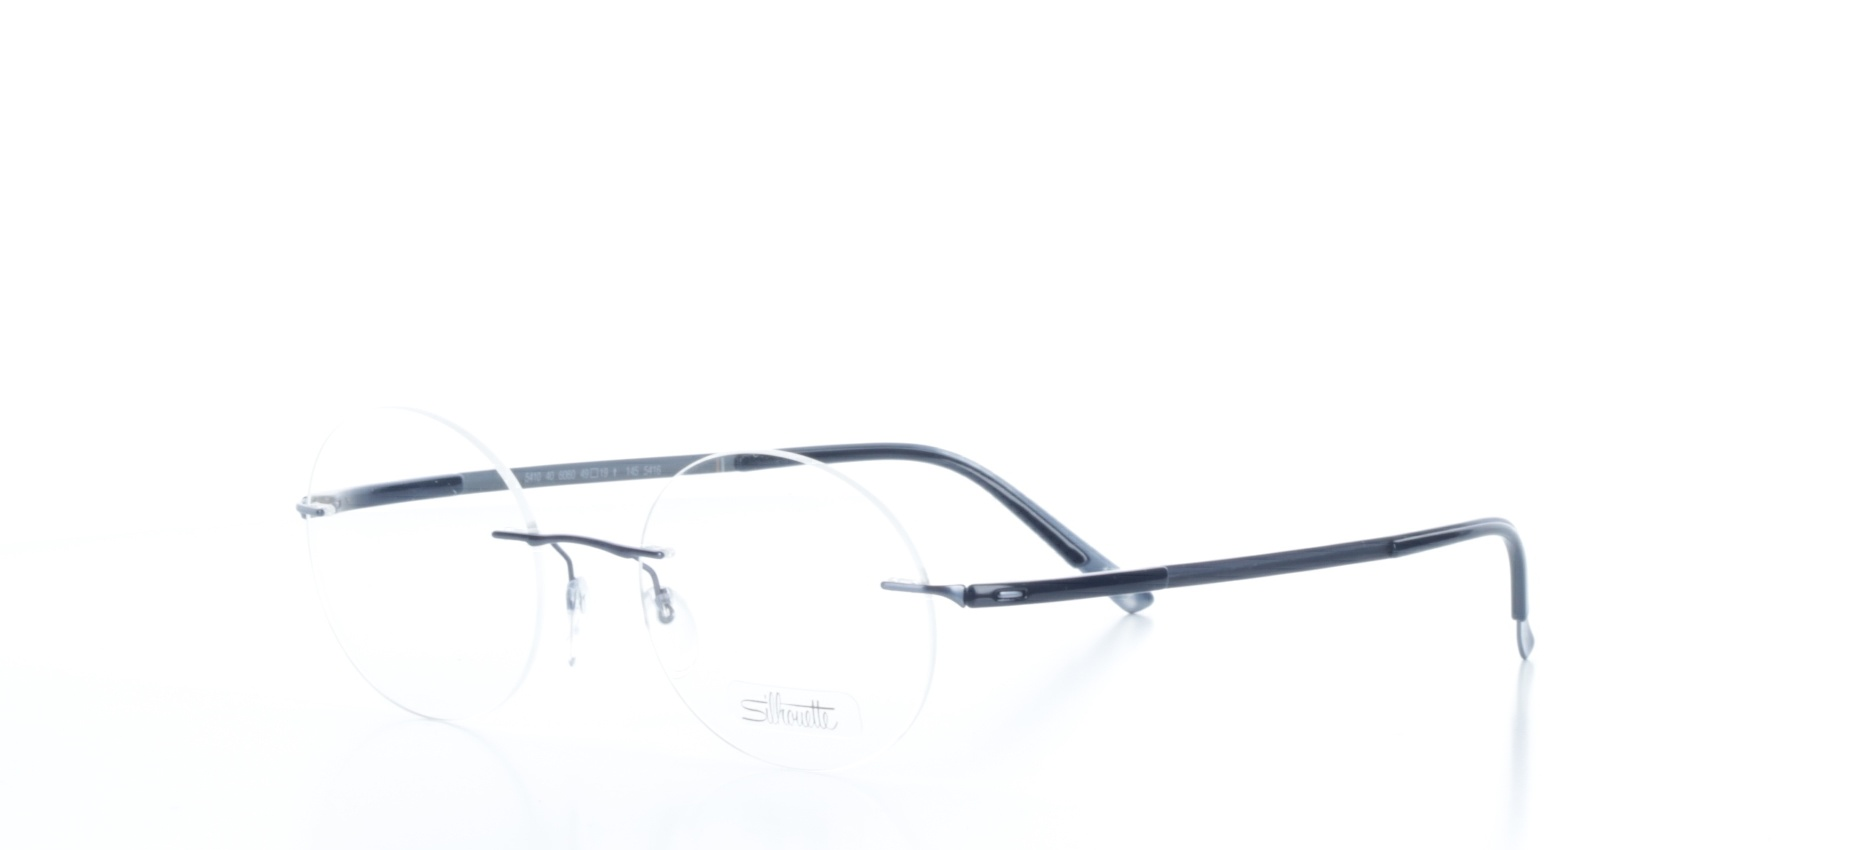 calitate cel mai bun angrosist cum să cumpere Rame-ochelari-unisex - Rama-ochelari-vedere-Silhouette-5410